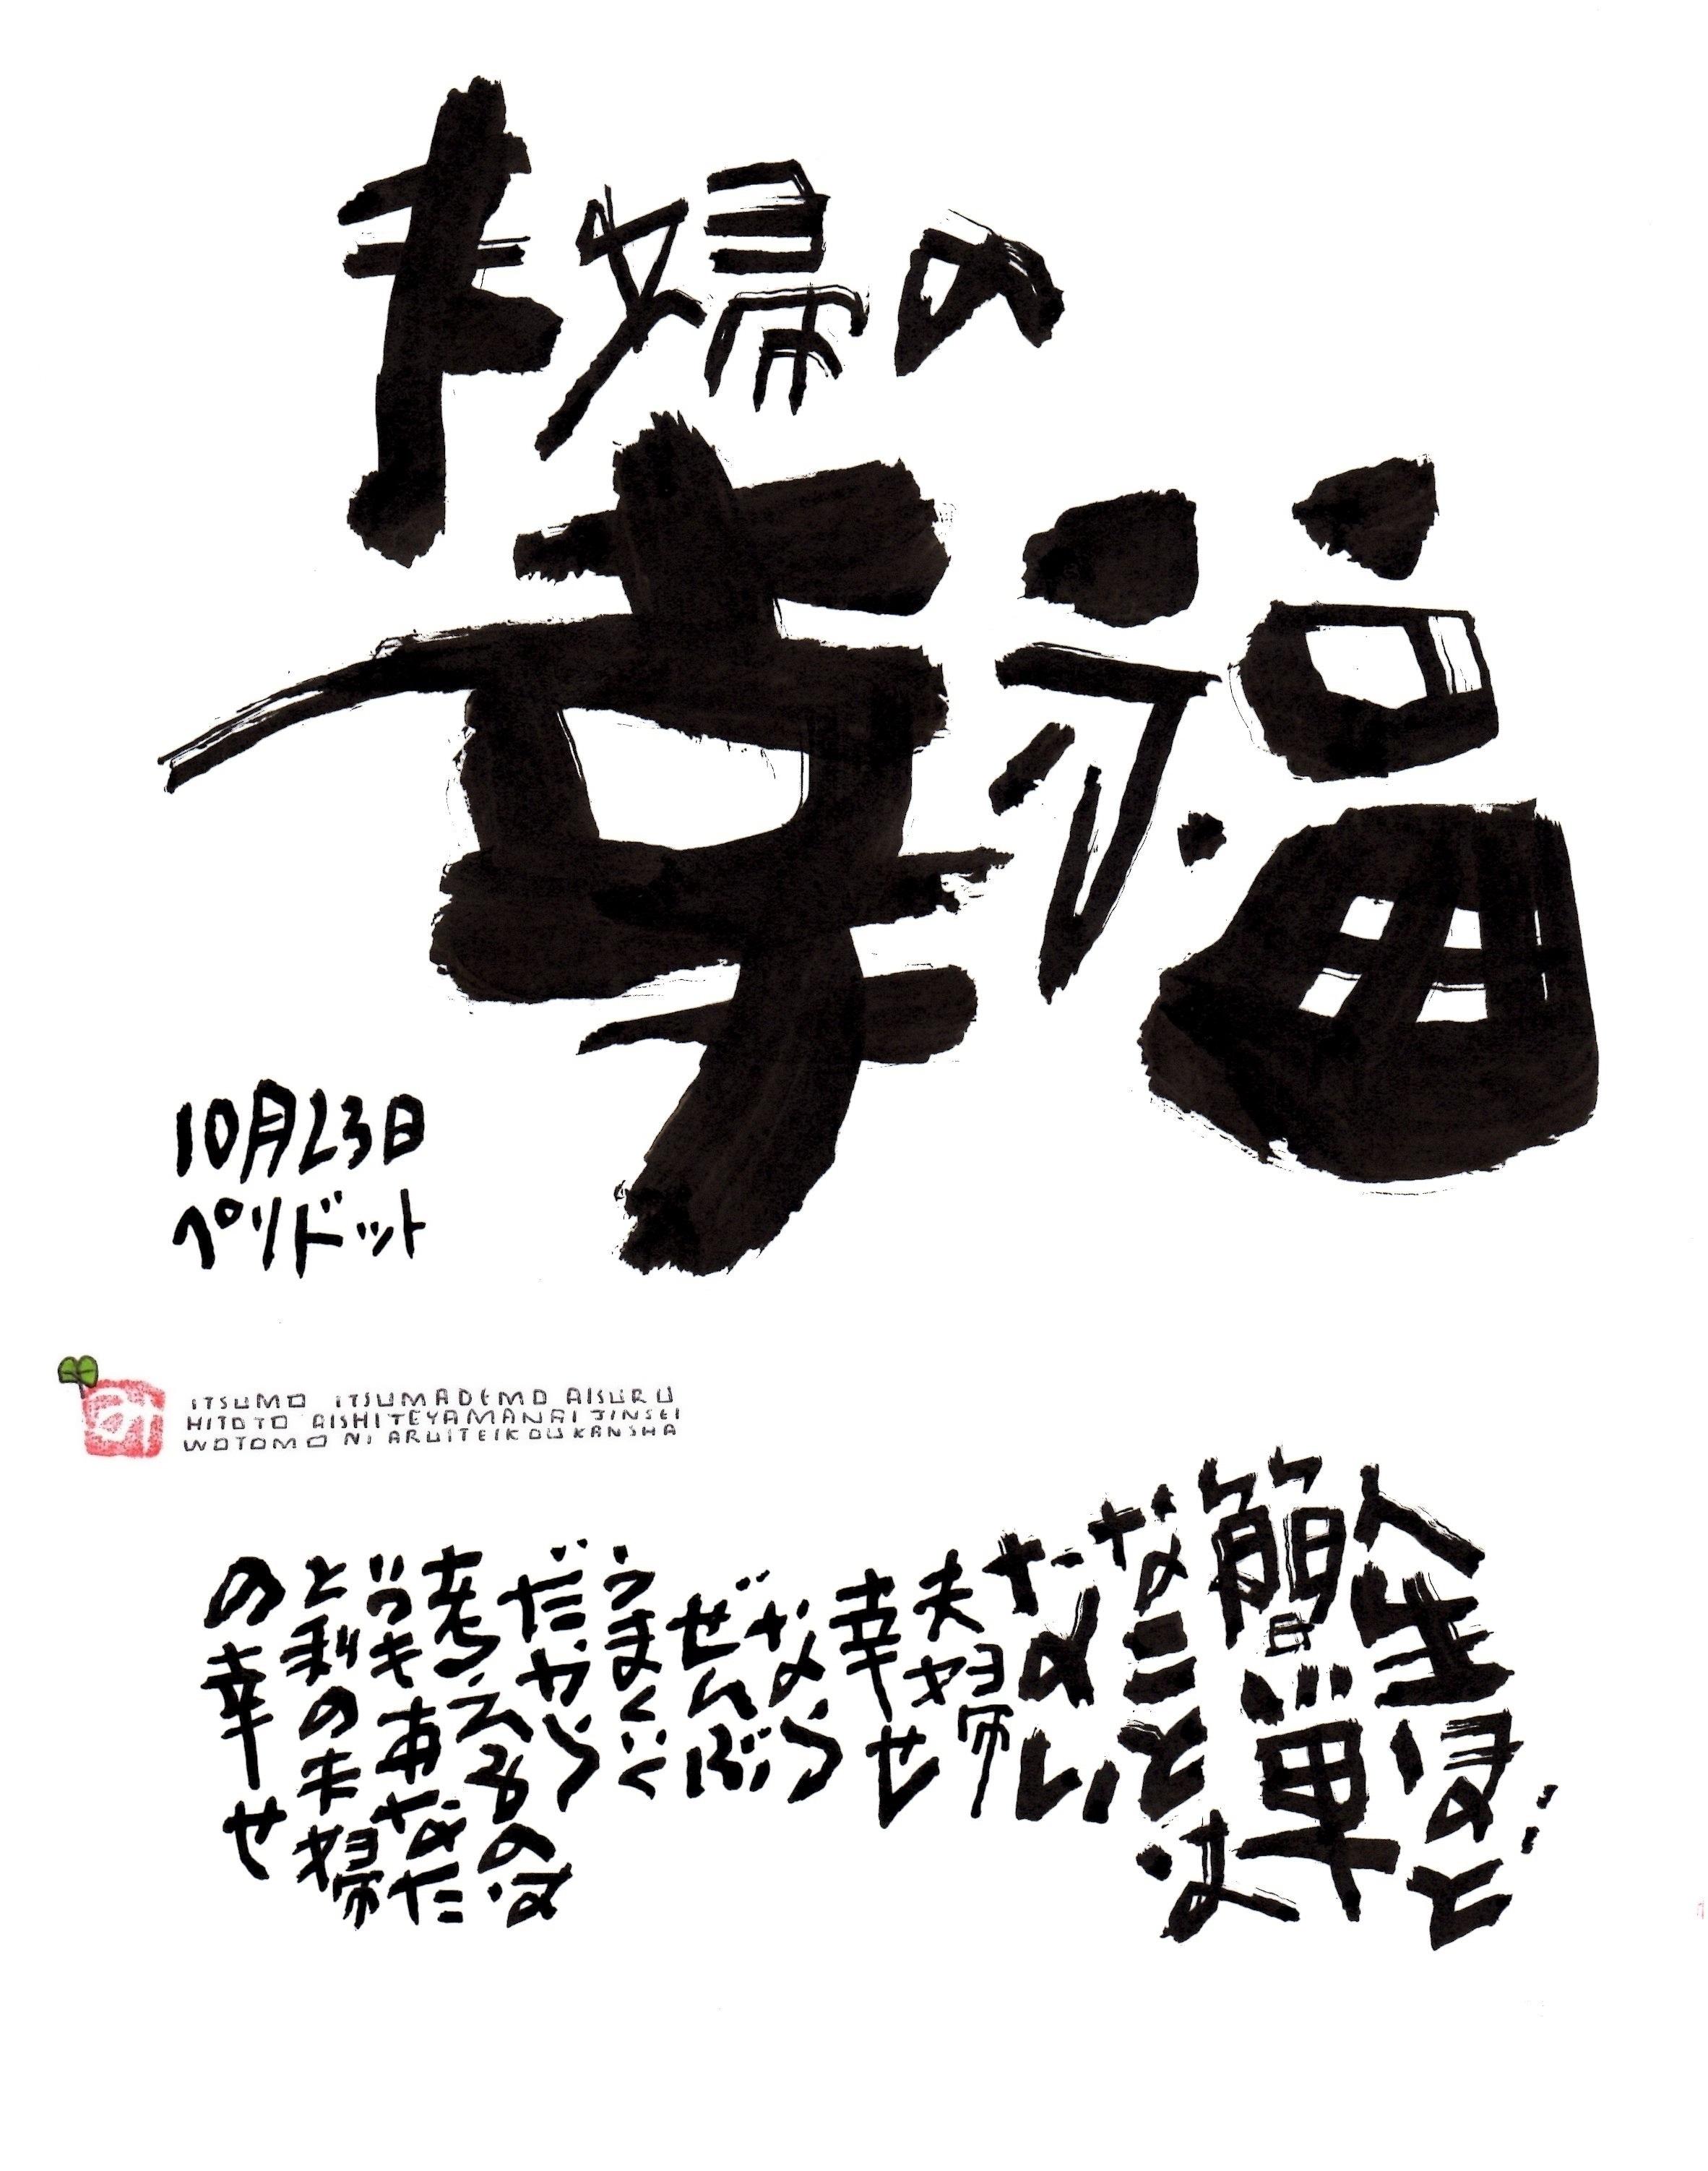 10月23日 結婚記念日ポストカード【夫婦の幸福】